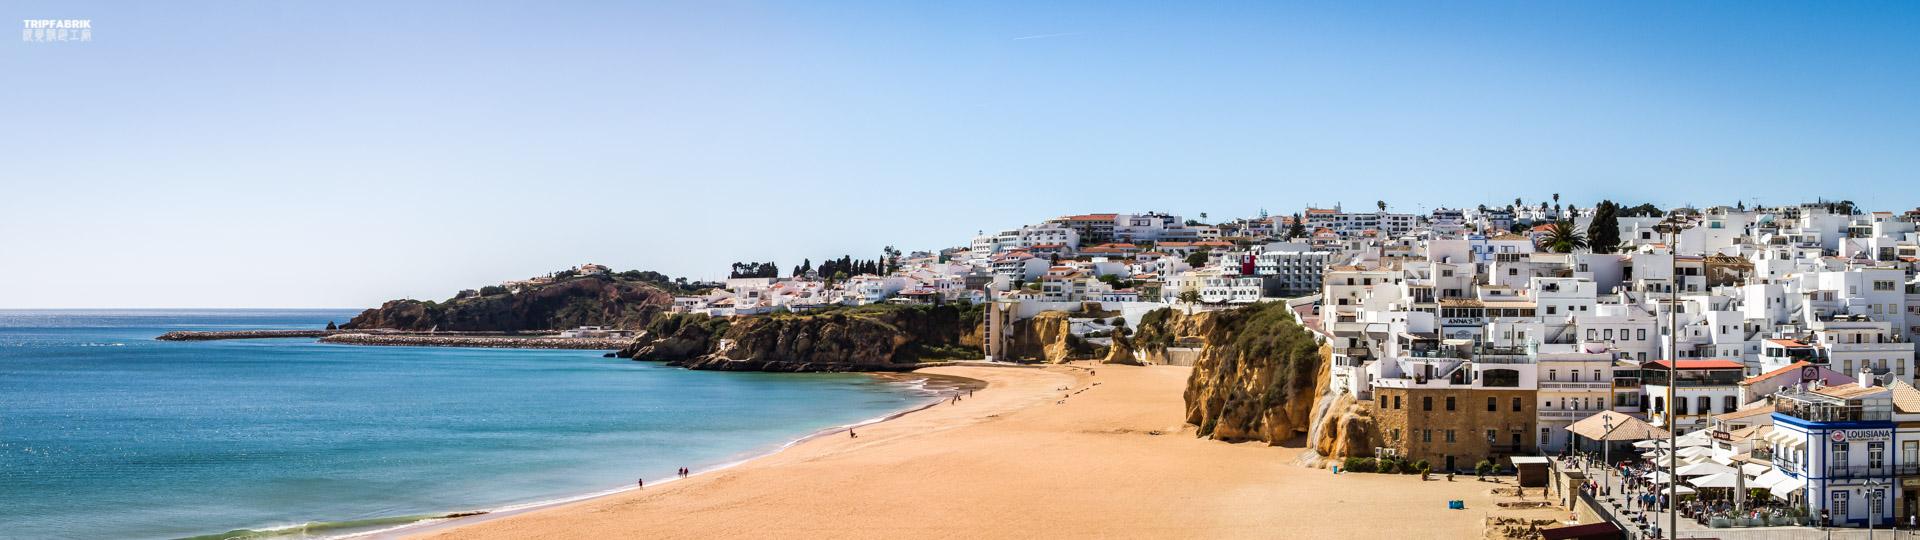 Time Lapse Portugal Algarve